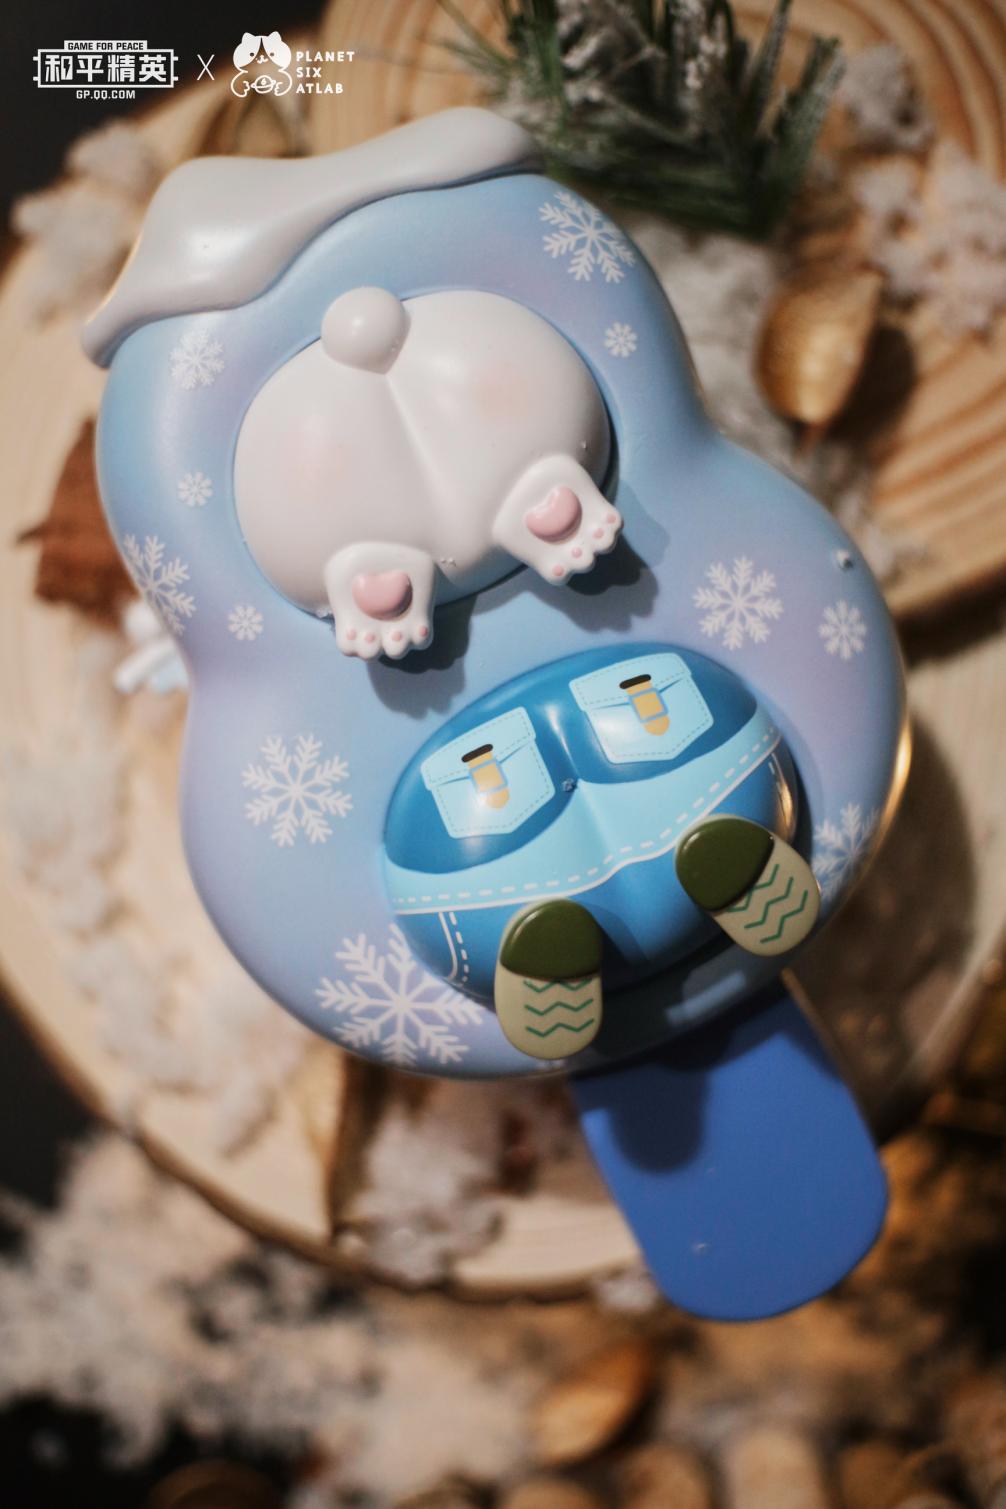 """萌动冰雪,玩成一圈!《和平精英》联动""""六号星球""""首款冰雪限定潮玩正式面世"""